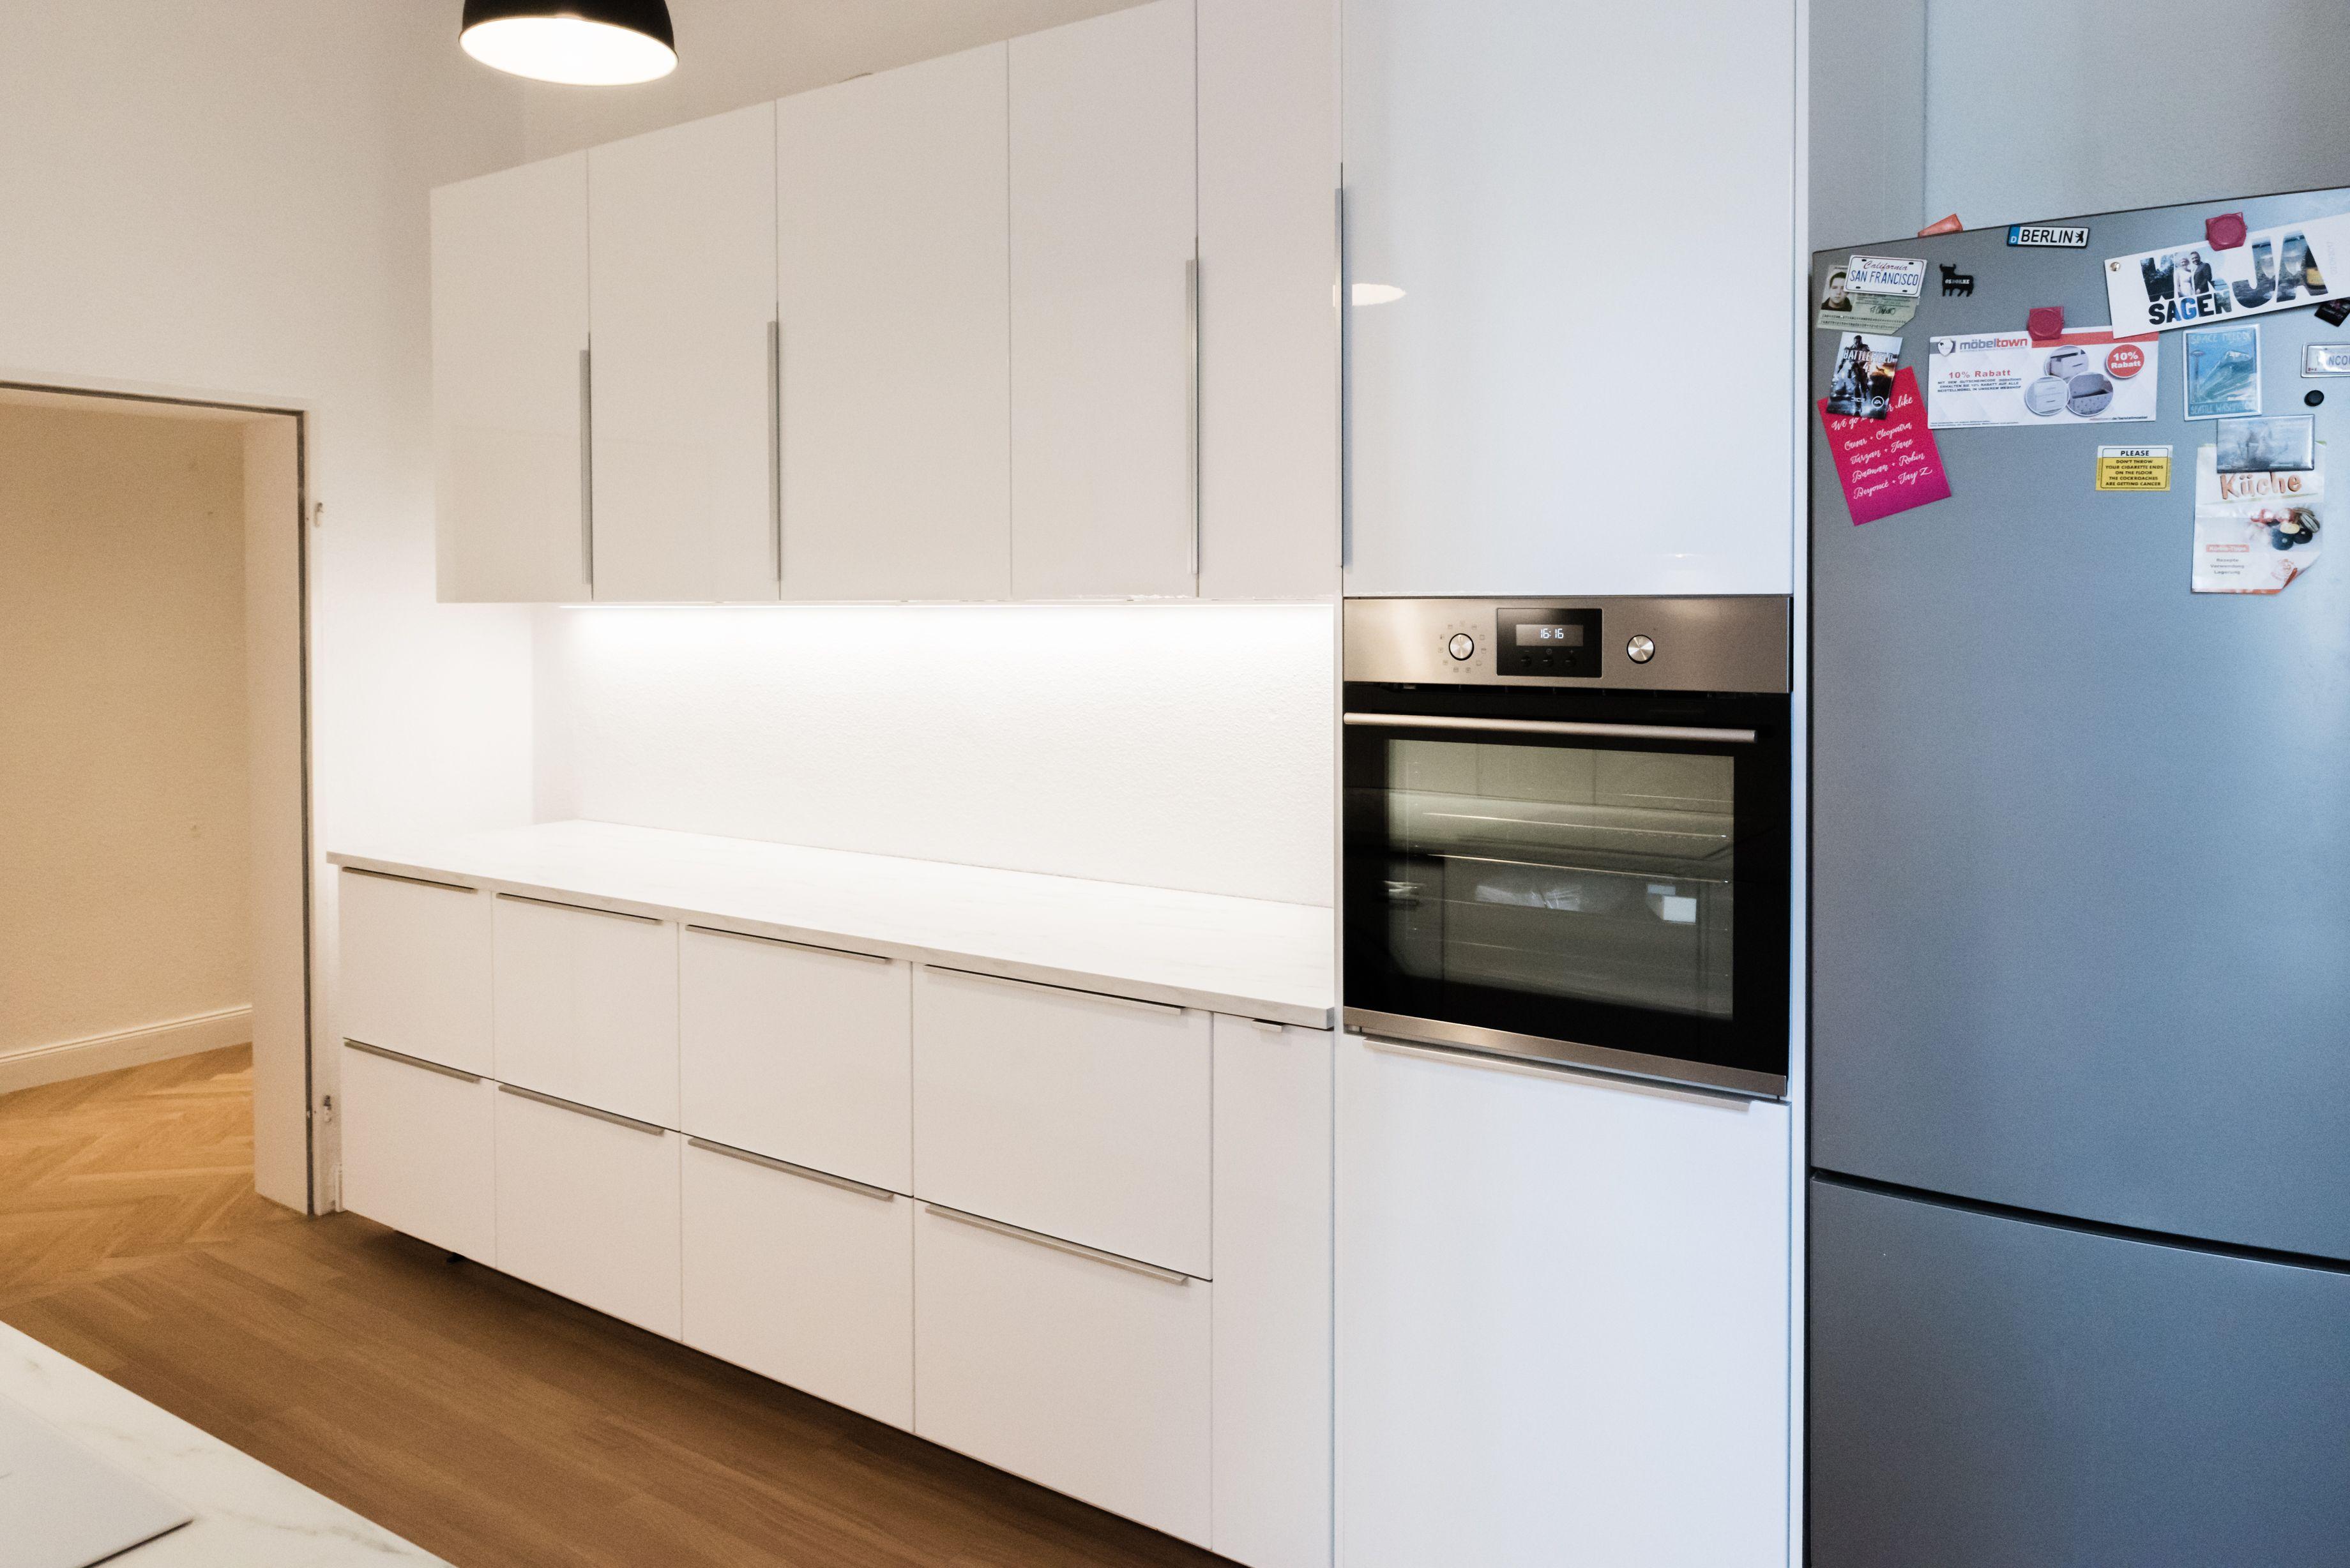 Kuchenkauf Ikea Metod Unsere Erfahrungen Mit Bildern Ikea